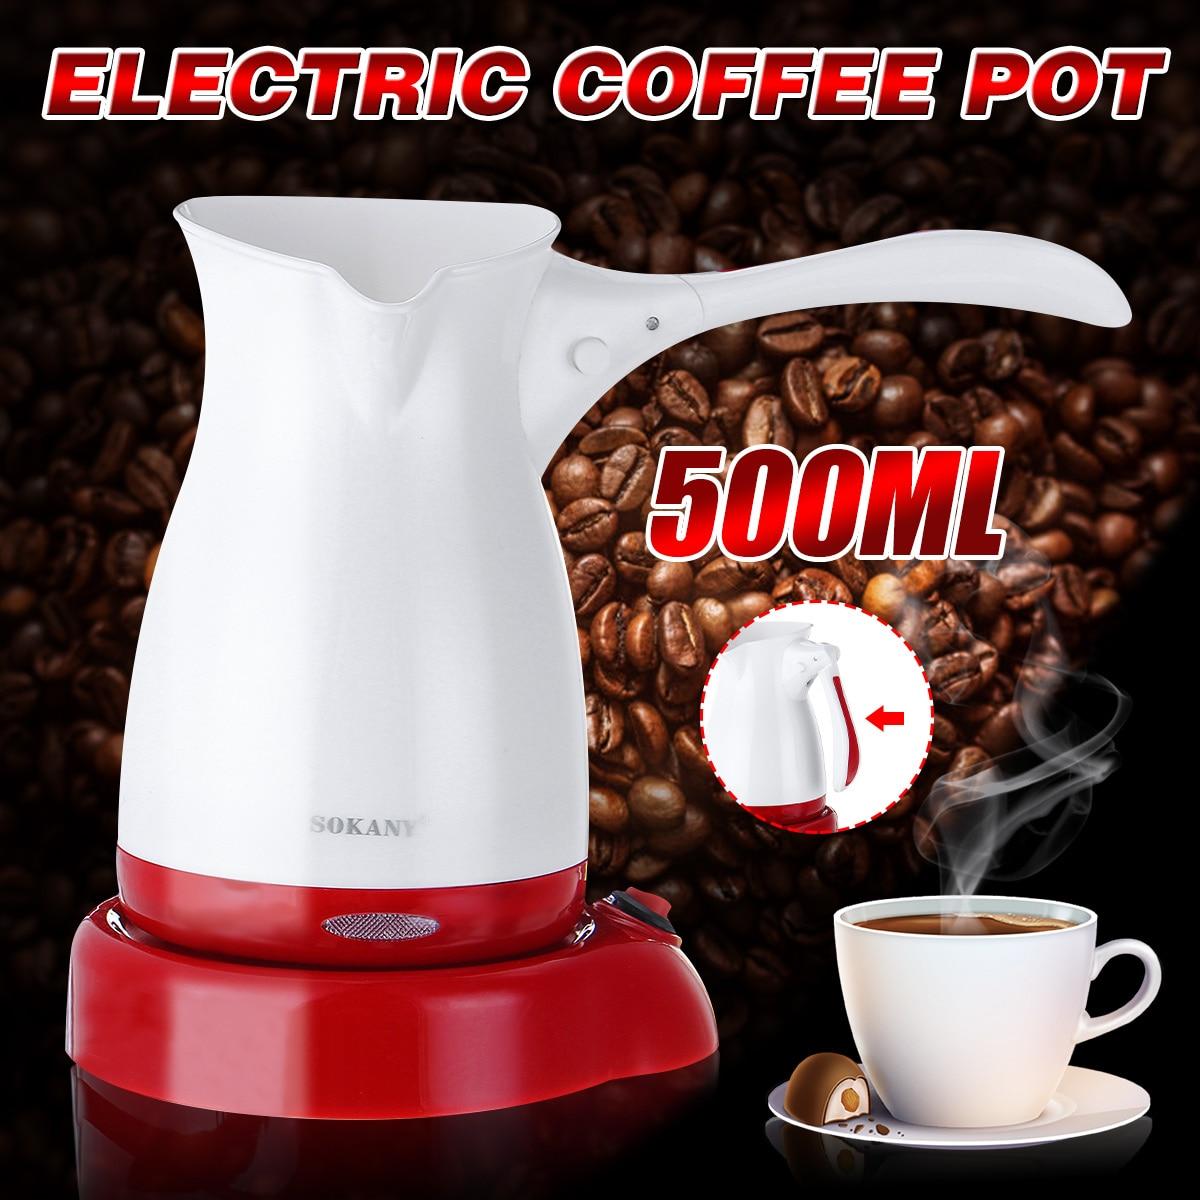 Фото - Портативная электрическая кофеварка, 600 Вт, Турецкая греческая кофеварка для эспрессо из нержавеющей стали, раздельная кофеварка для эспре... кофеварка